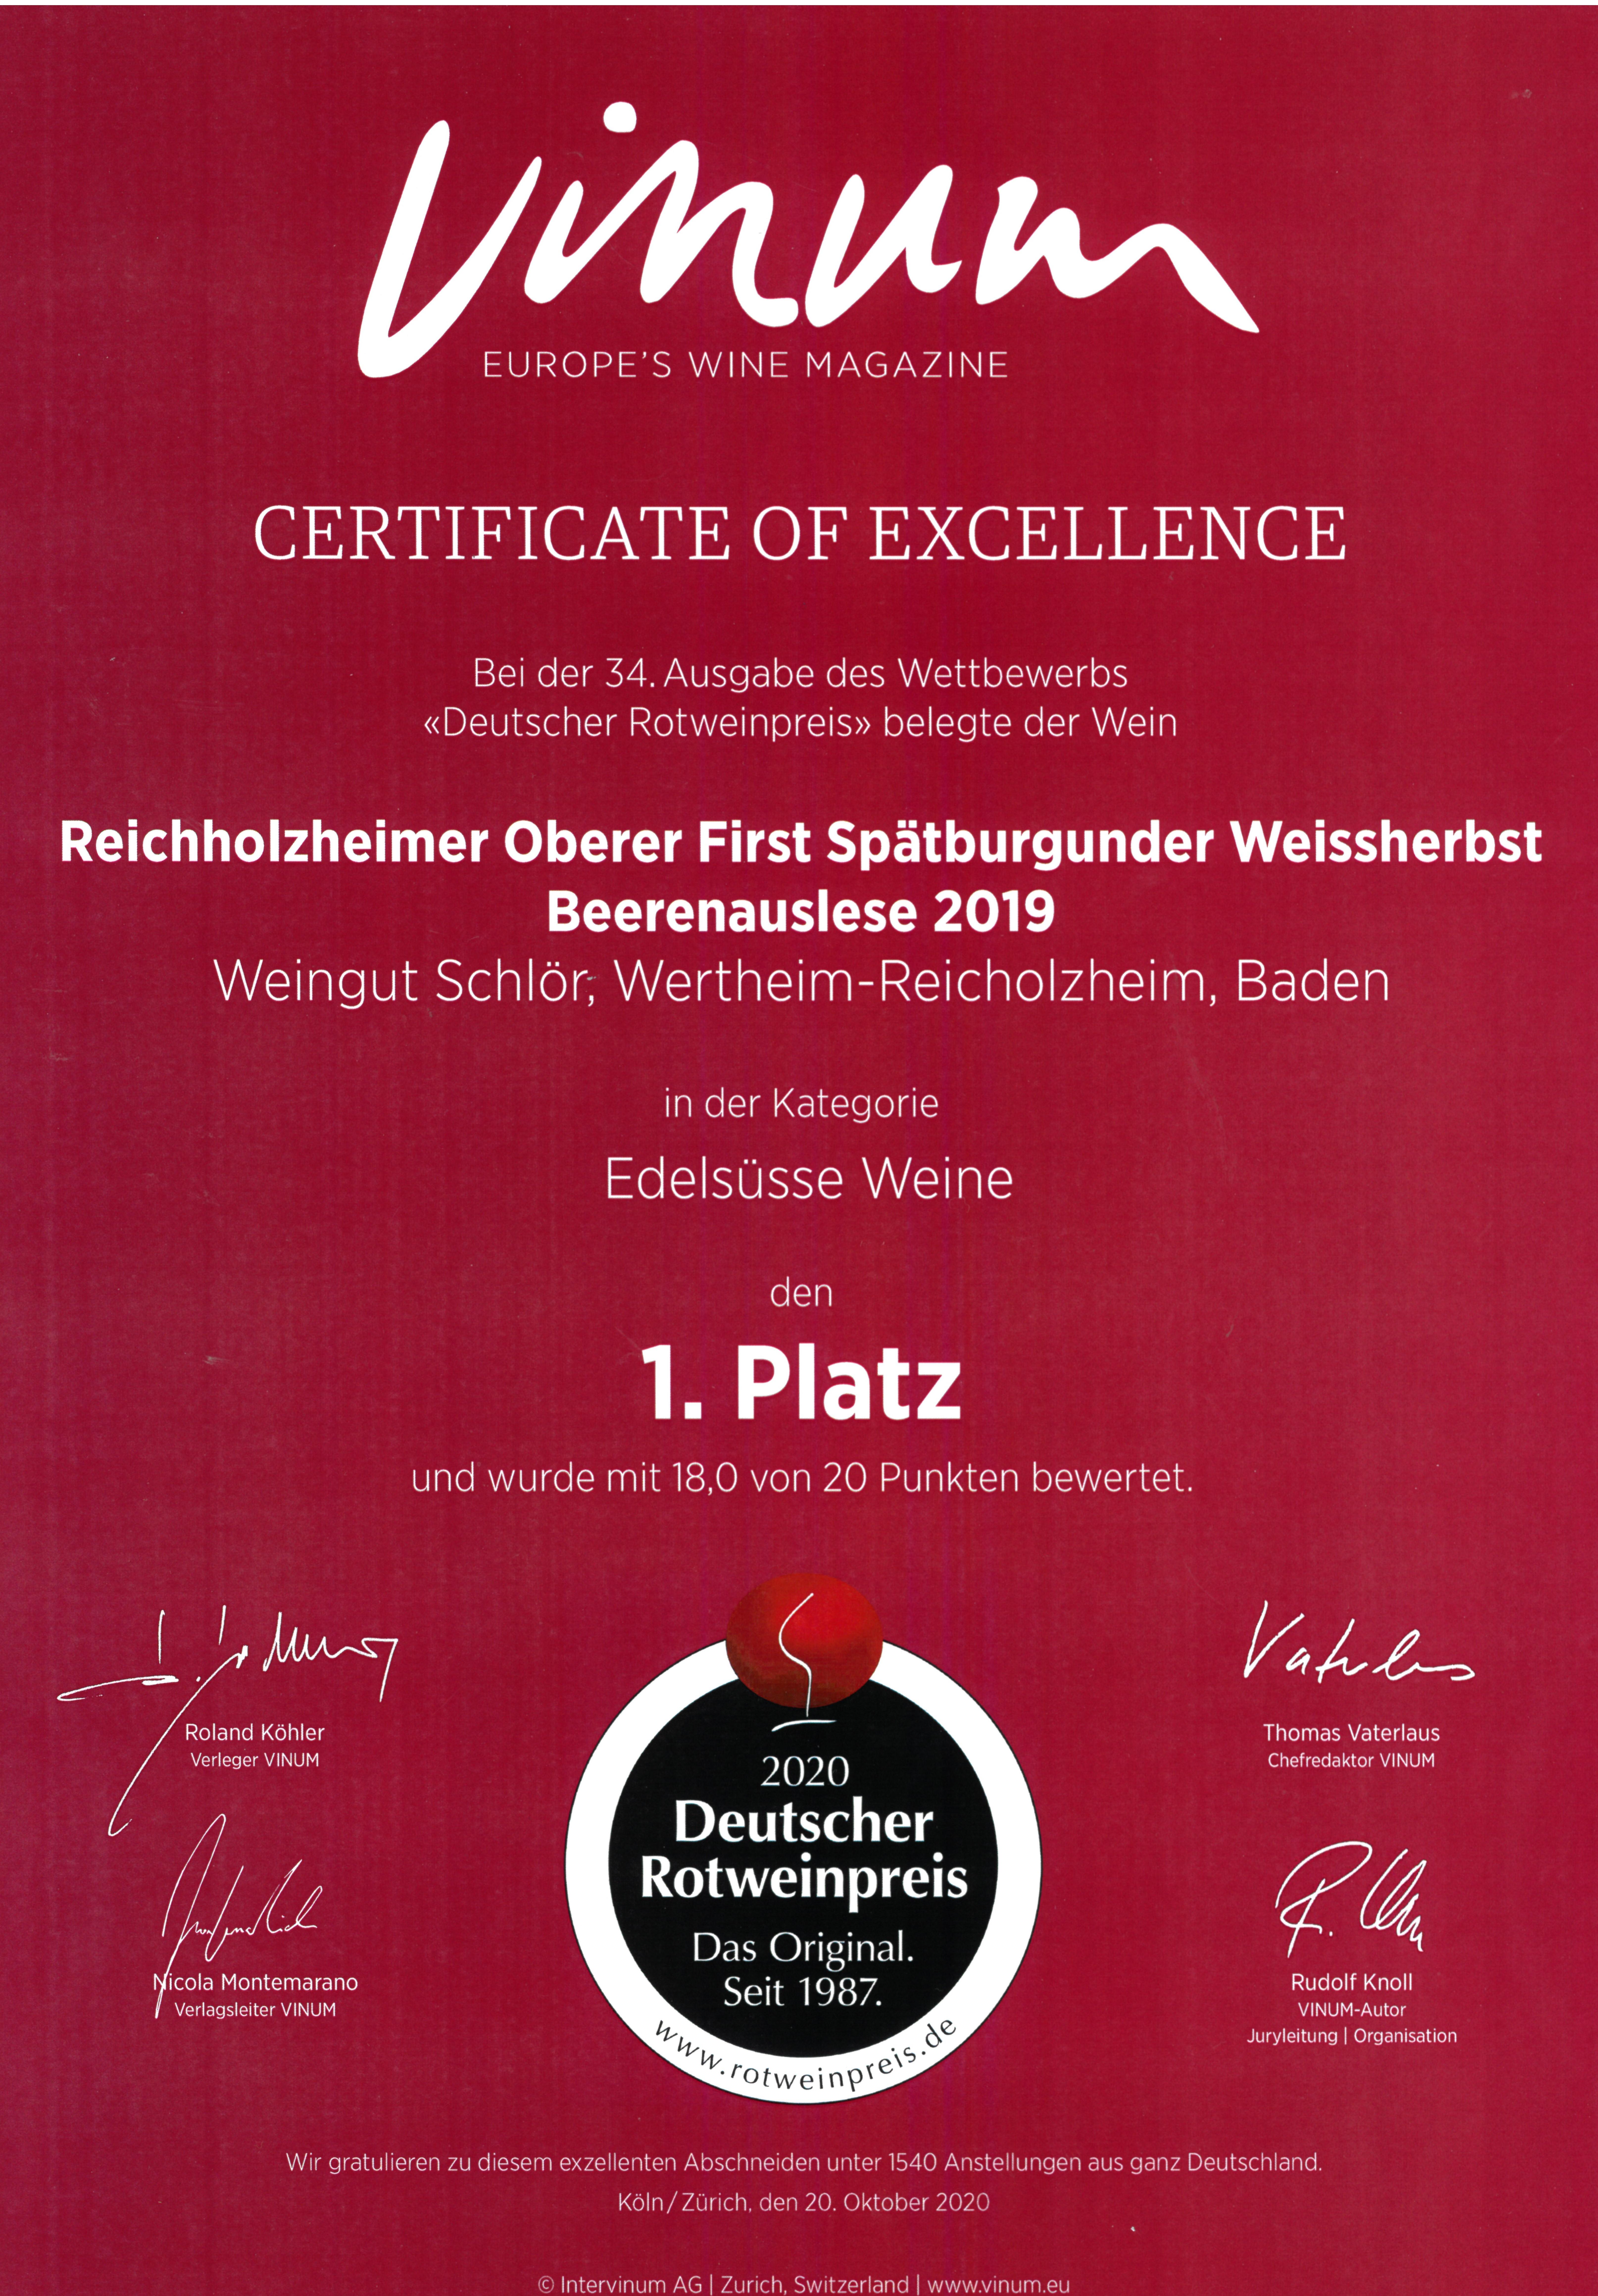 Urkunde-Vinum-Rotweinpreis für Spätburgunder Beerenauslese